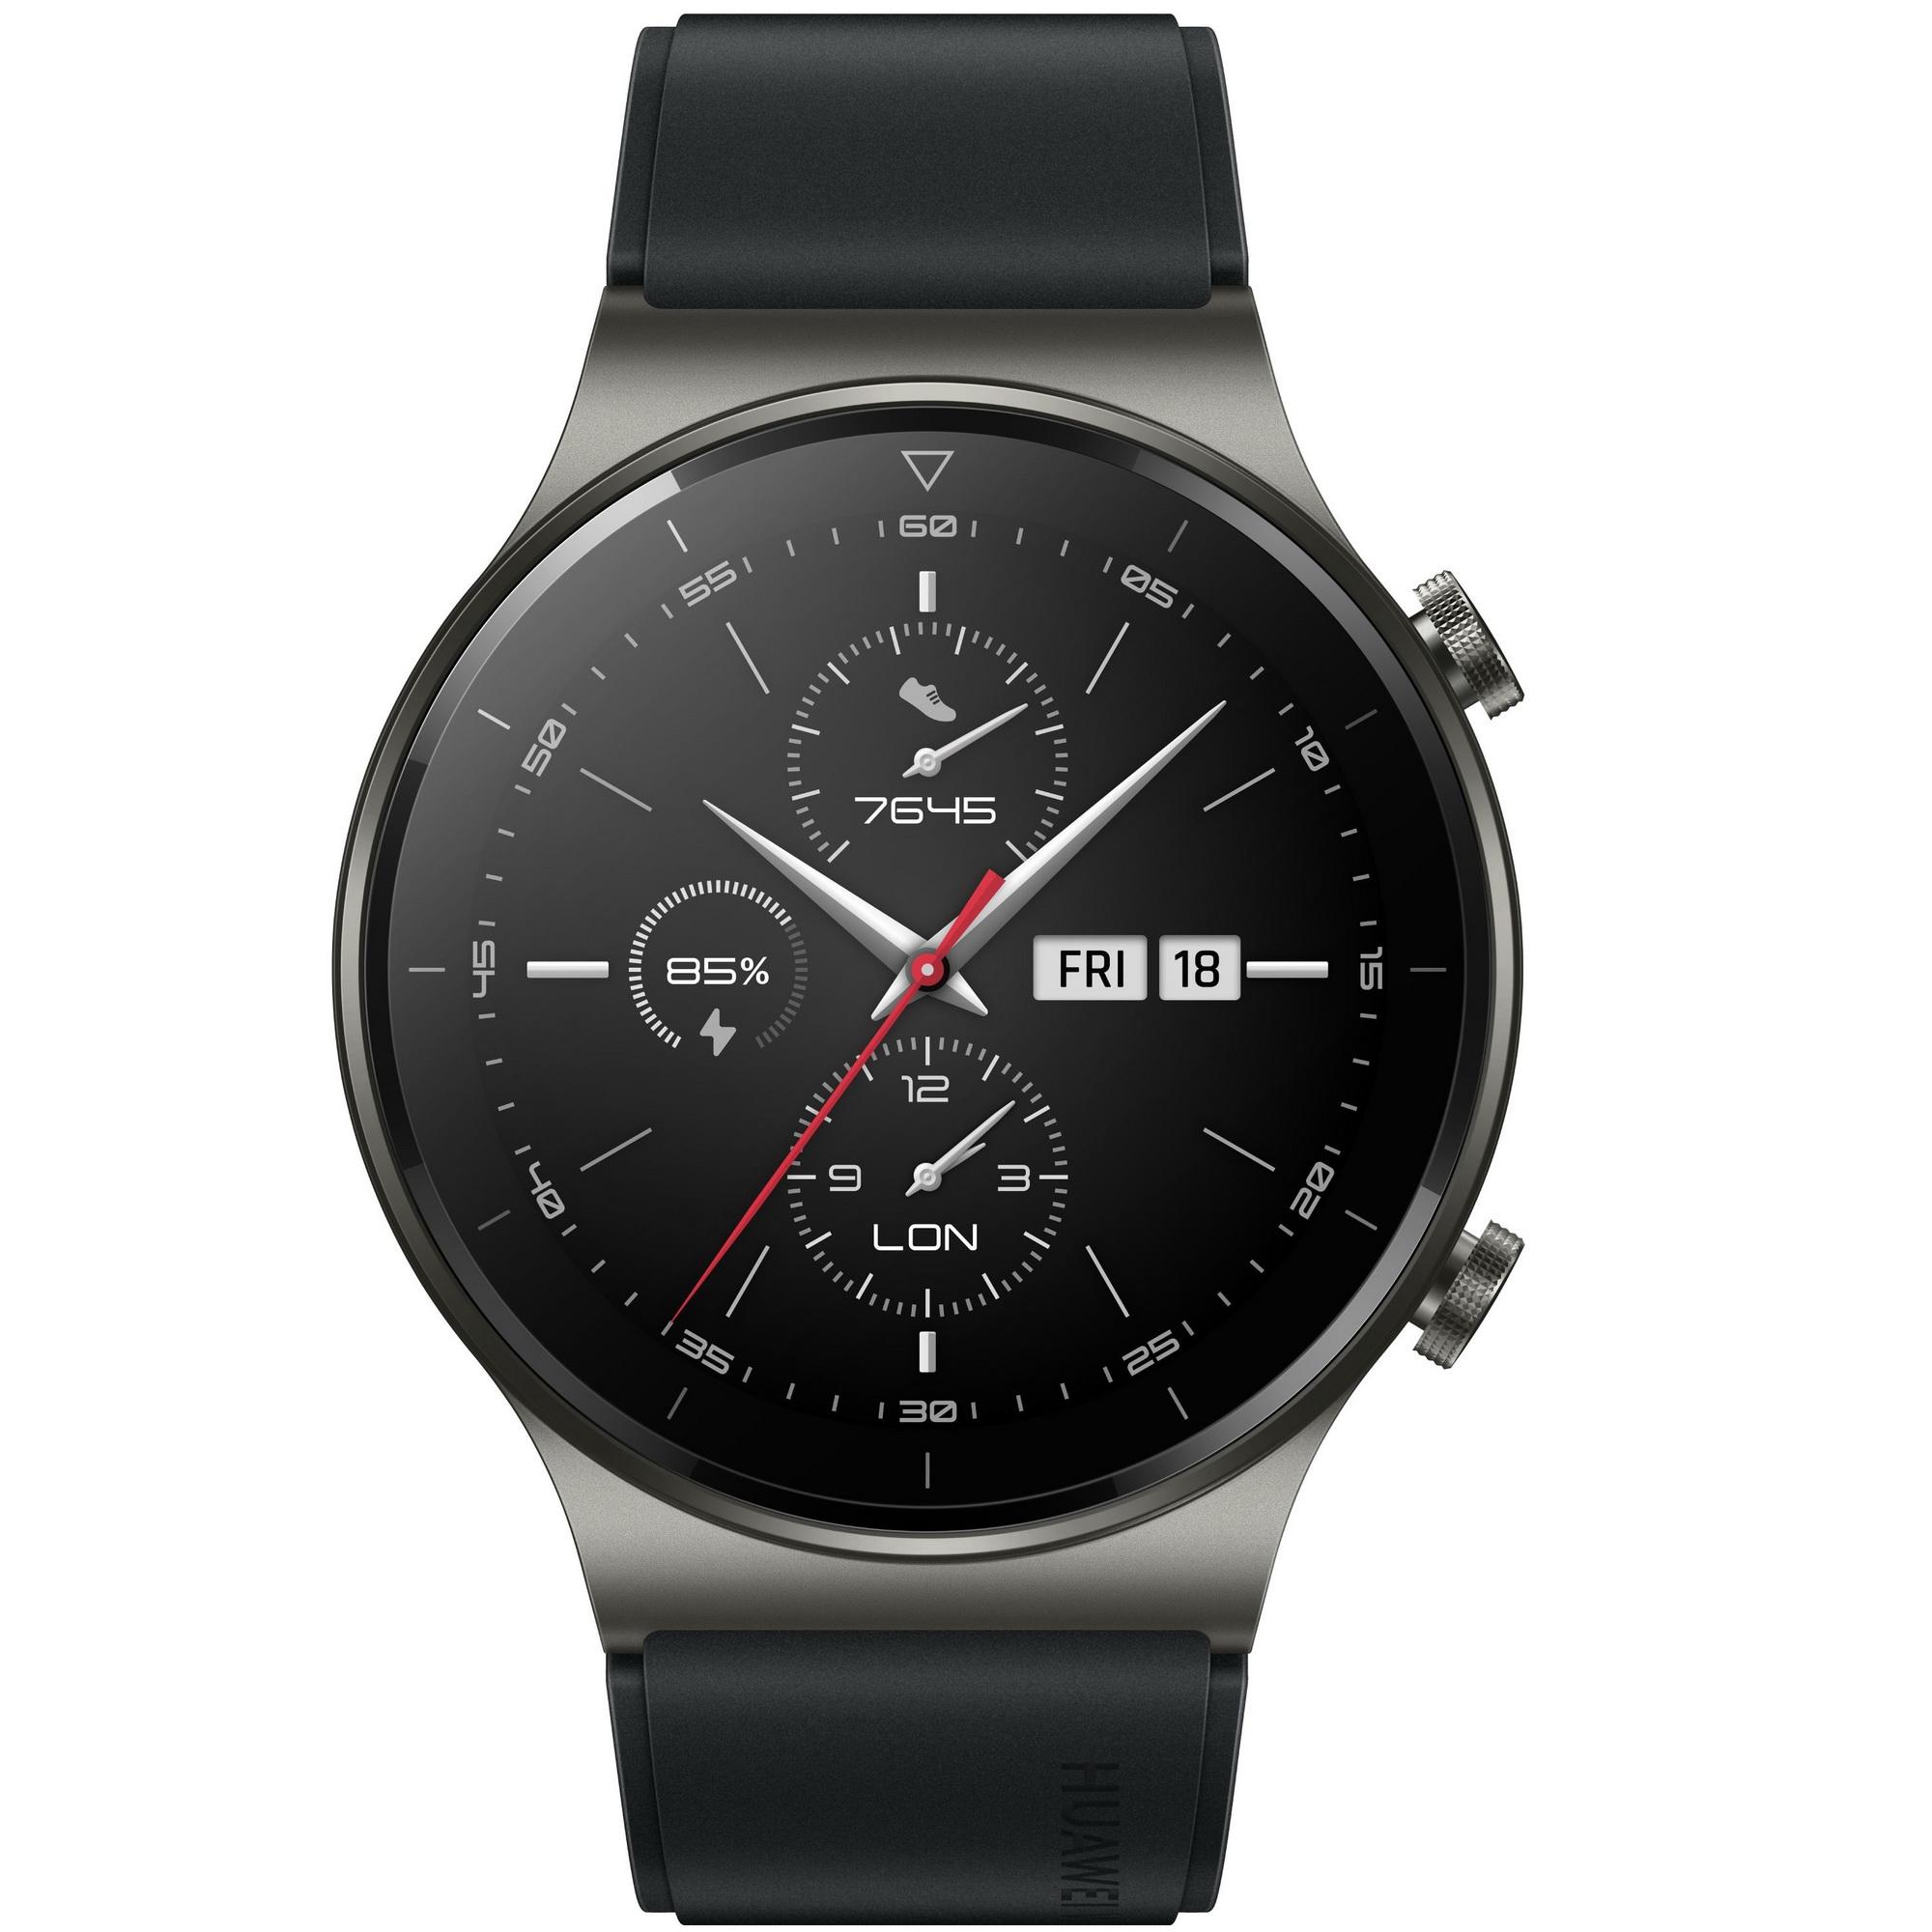 Фото - Смарт-часы Huawei Watch GT 2 Pro VID-B19 Night Black смарт часы samsung galaxy watch 1 3 super amoled серебристый sm r800nzsaser